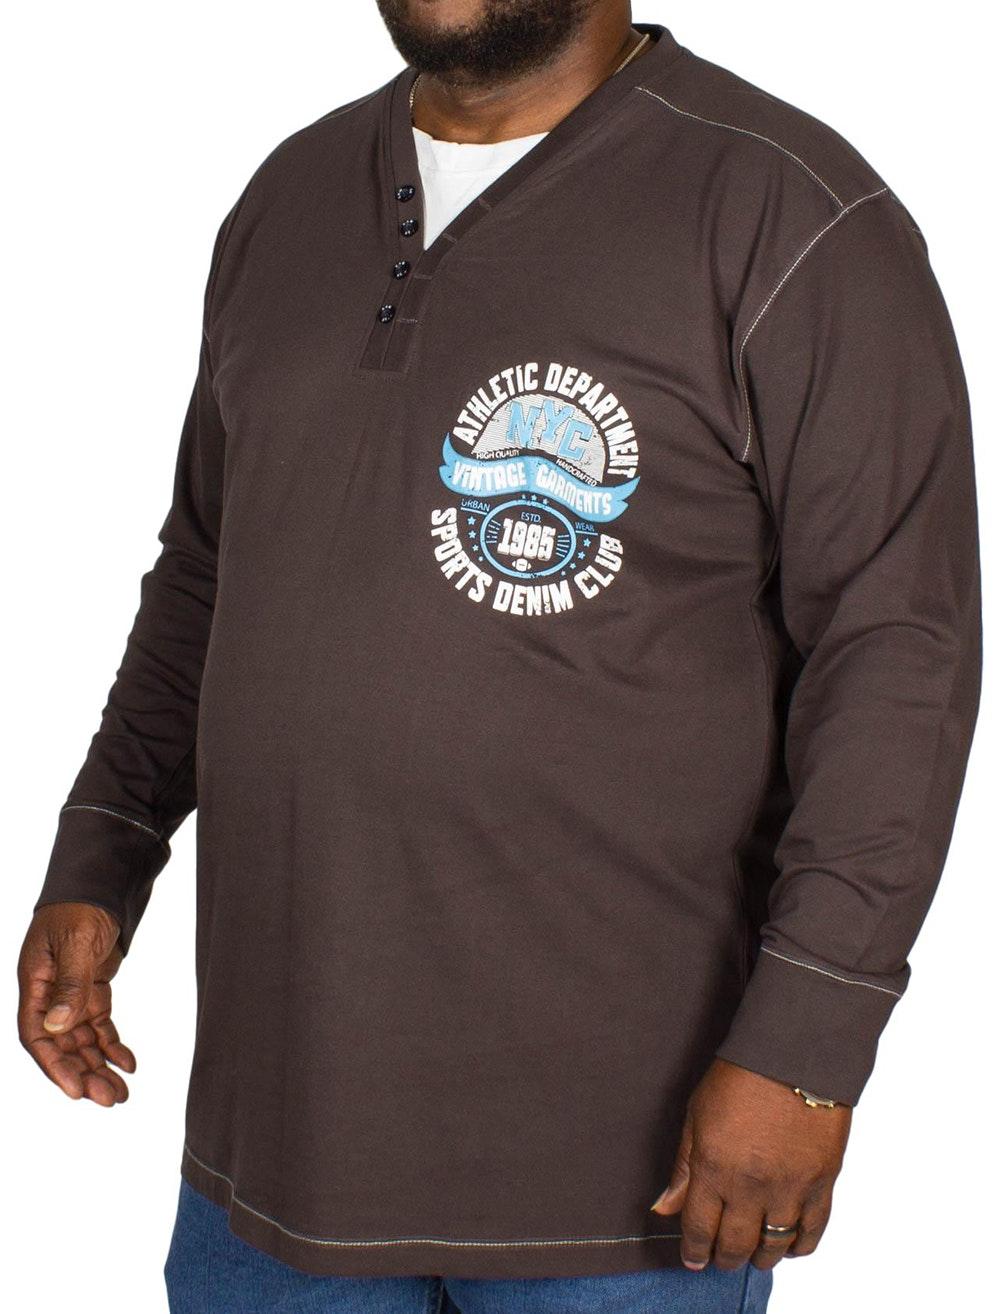 KAM Long Sleeve Baseball T-Shirt Charcoal